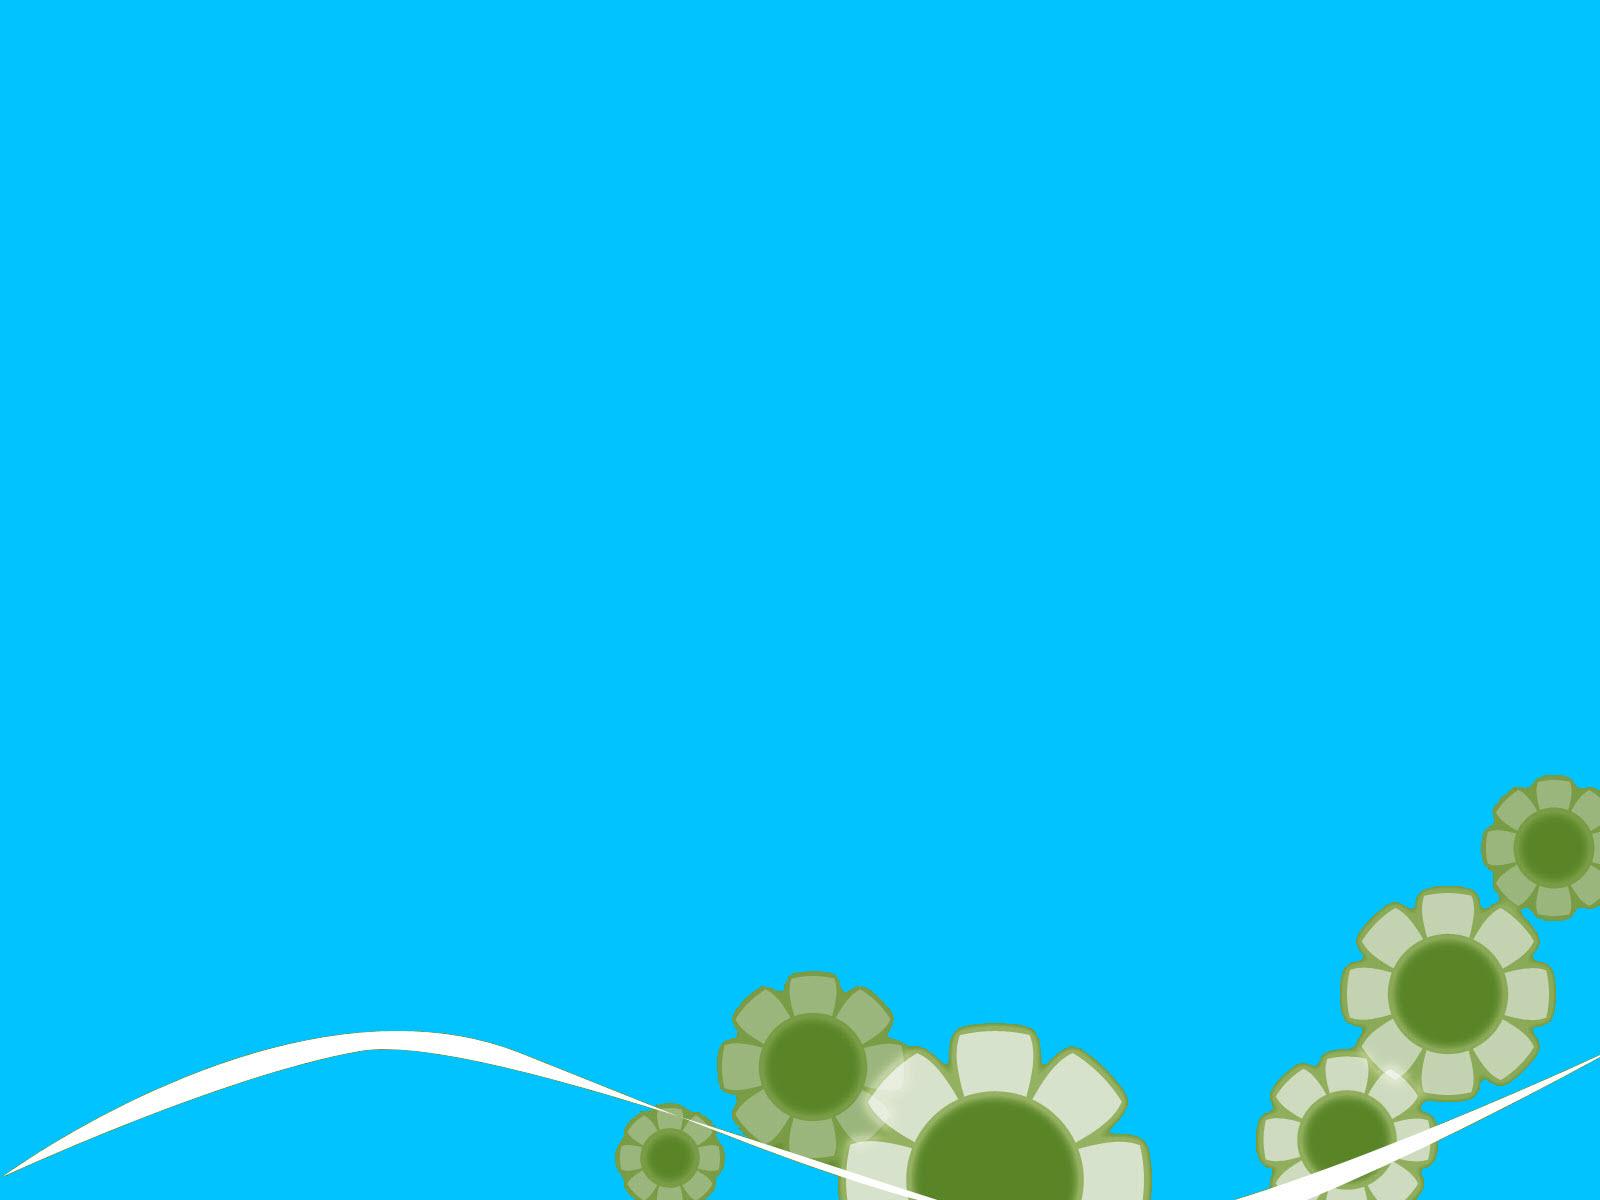 Tổng hợp những hình nền powerpoint màu xanh dương đẹp